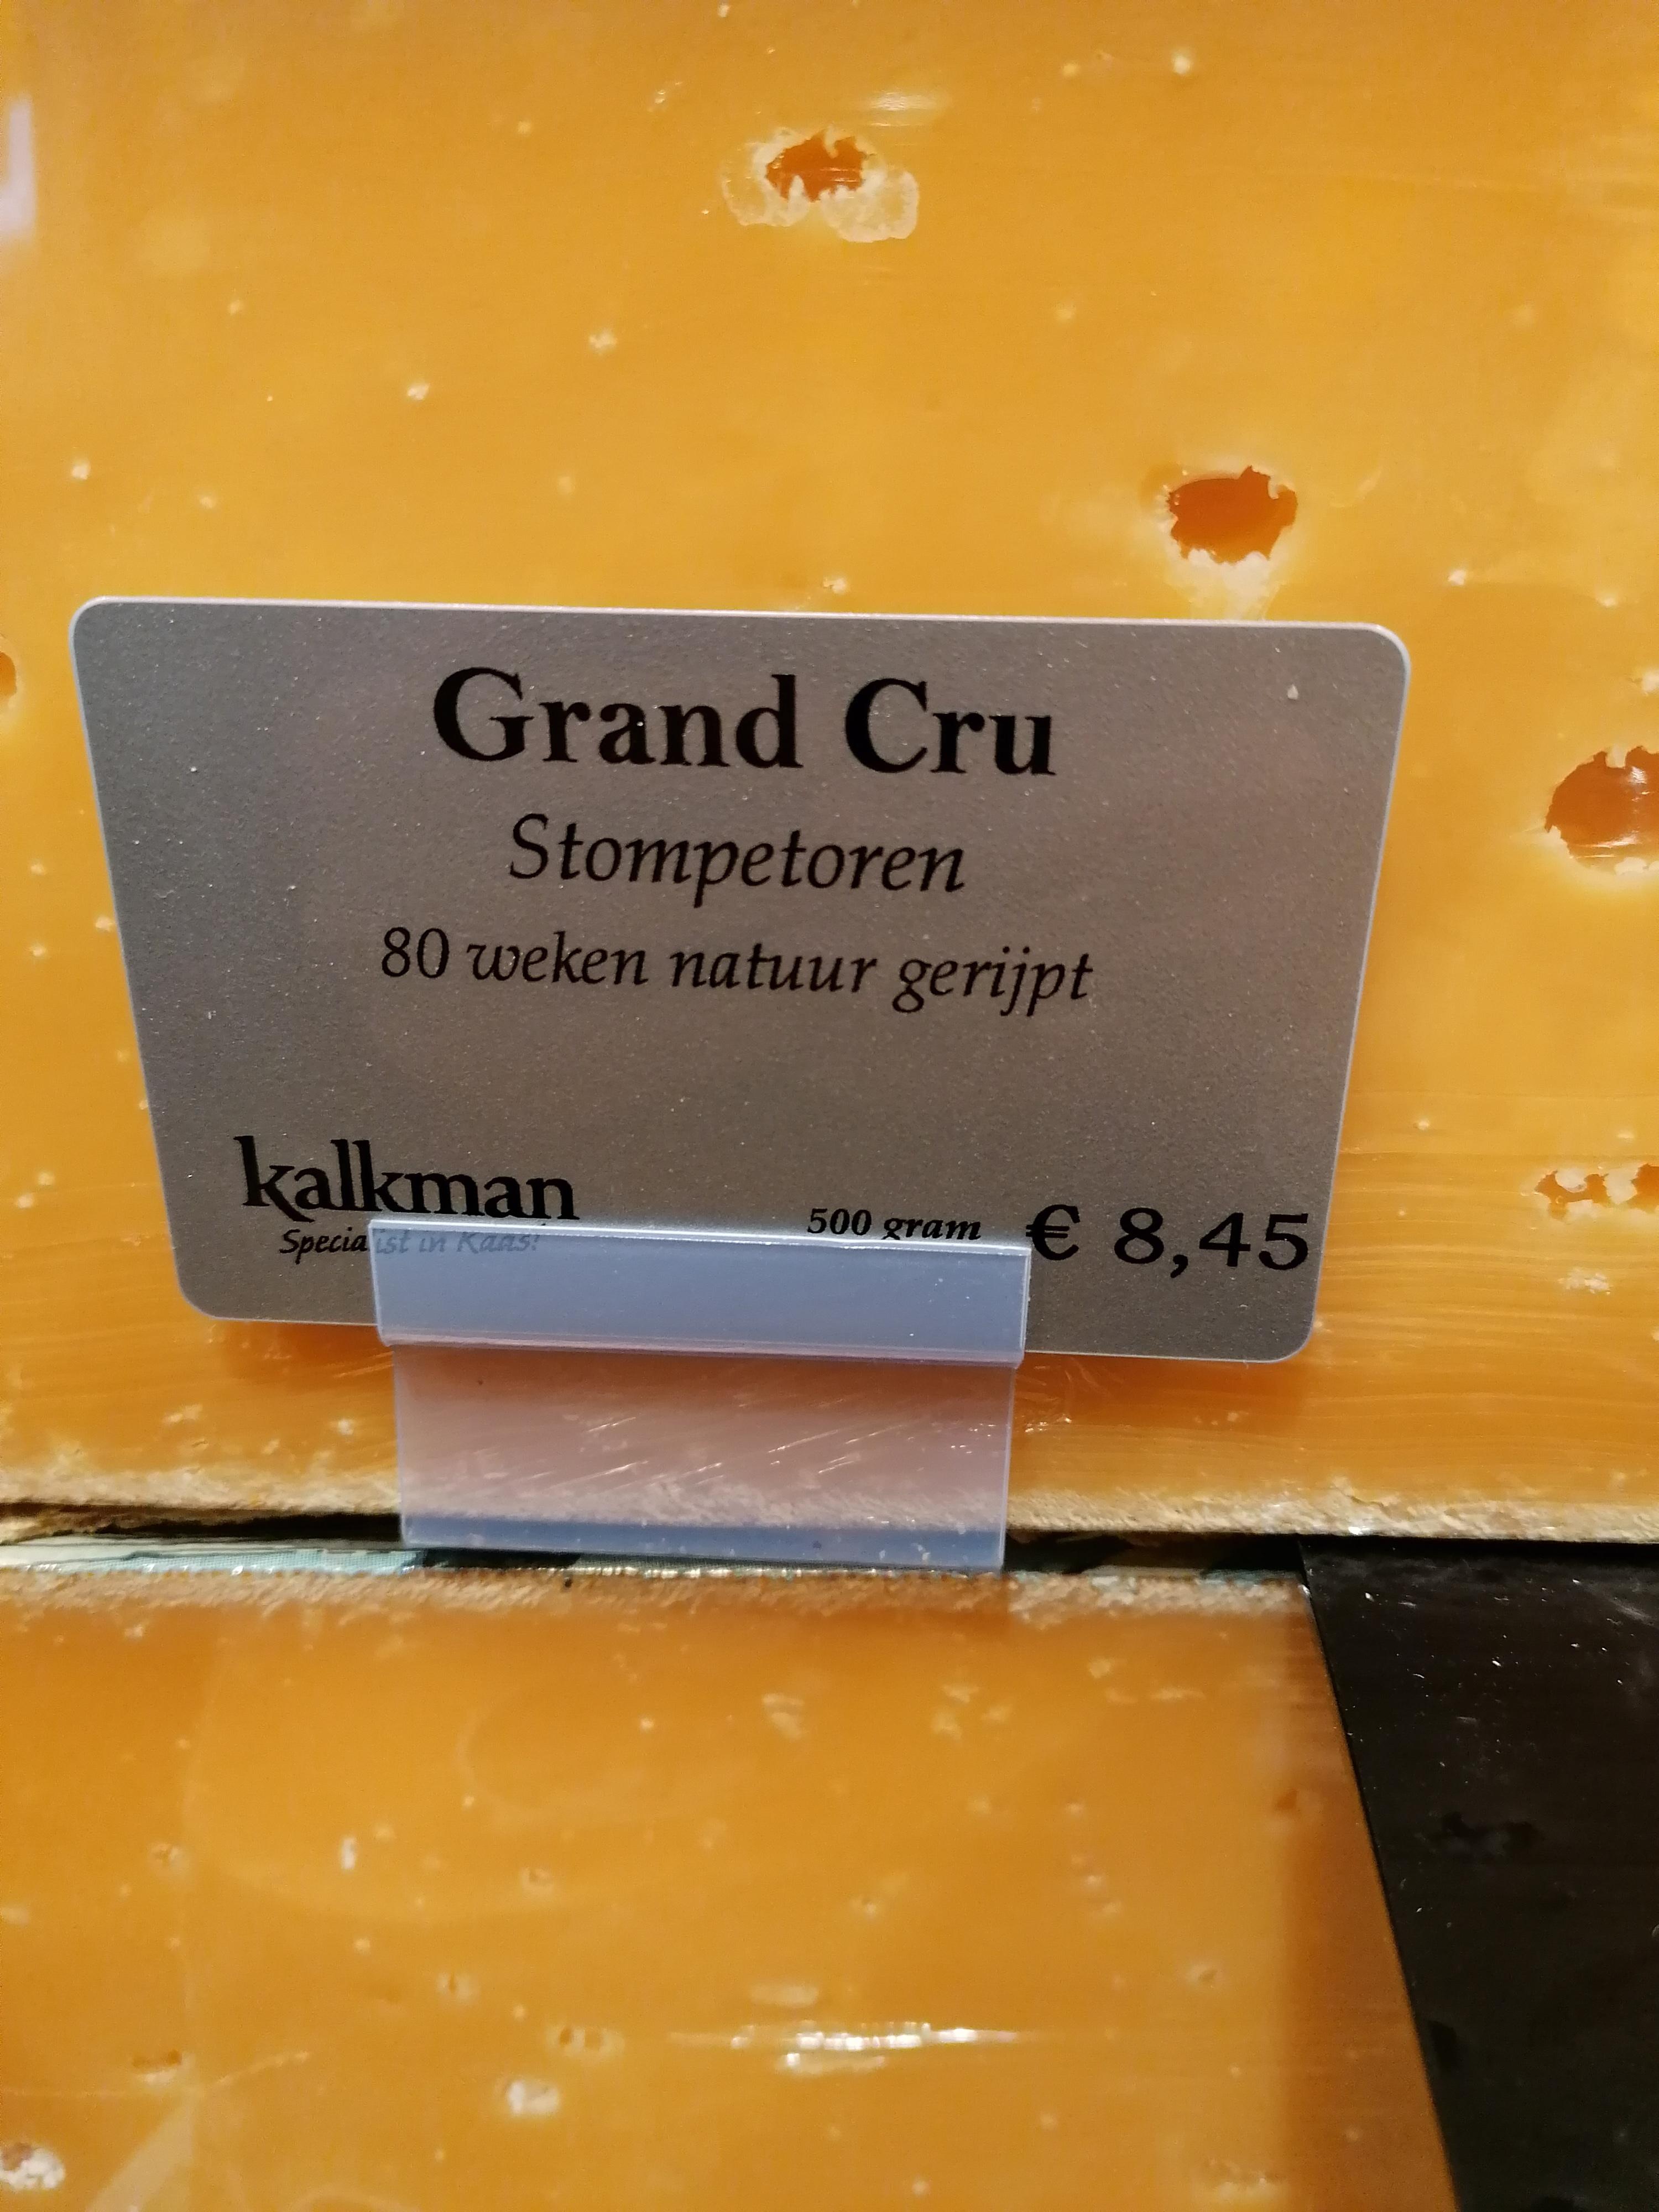 Stompetoren Grand Cru